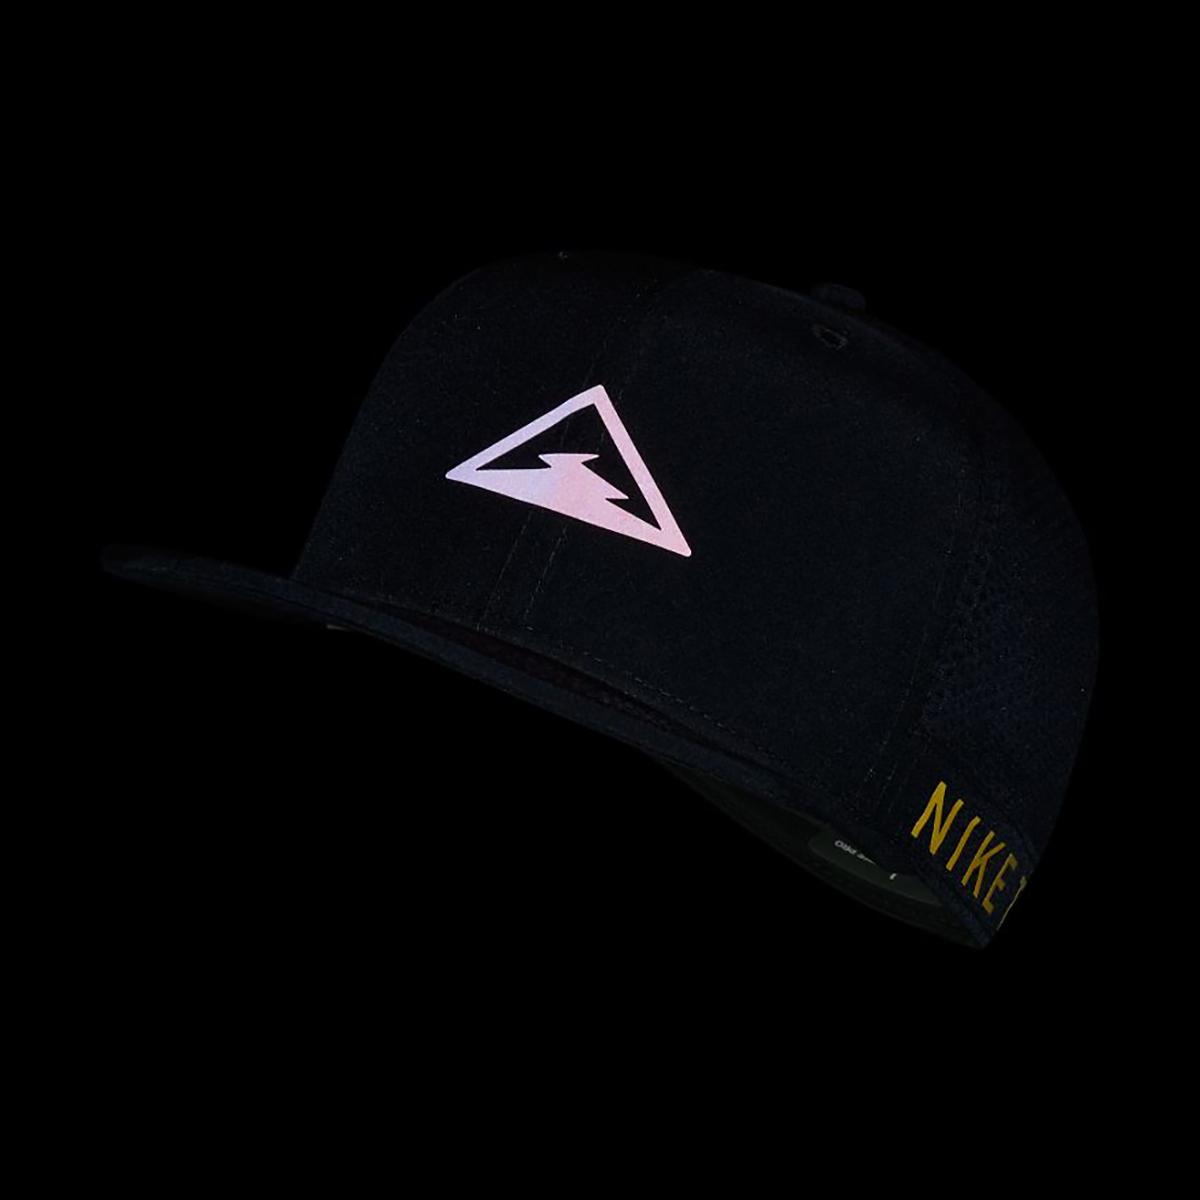 Nike Dri-FIT Pro Trail Cap - Color: Black, Black, large, image 3